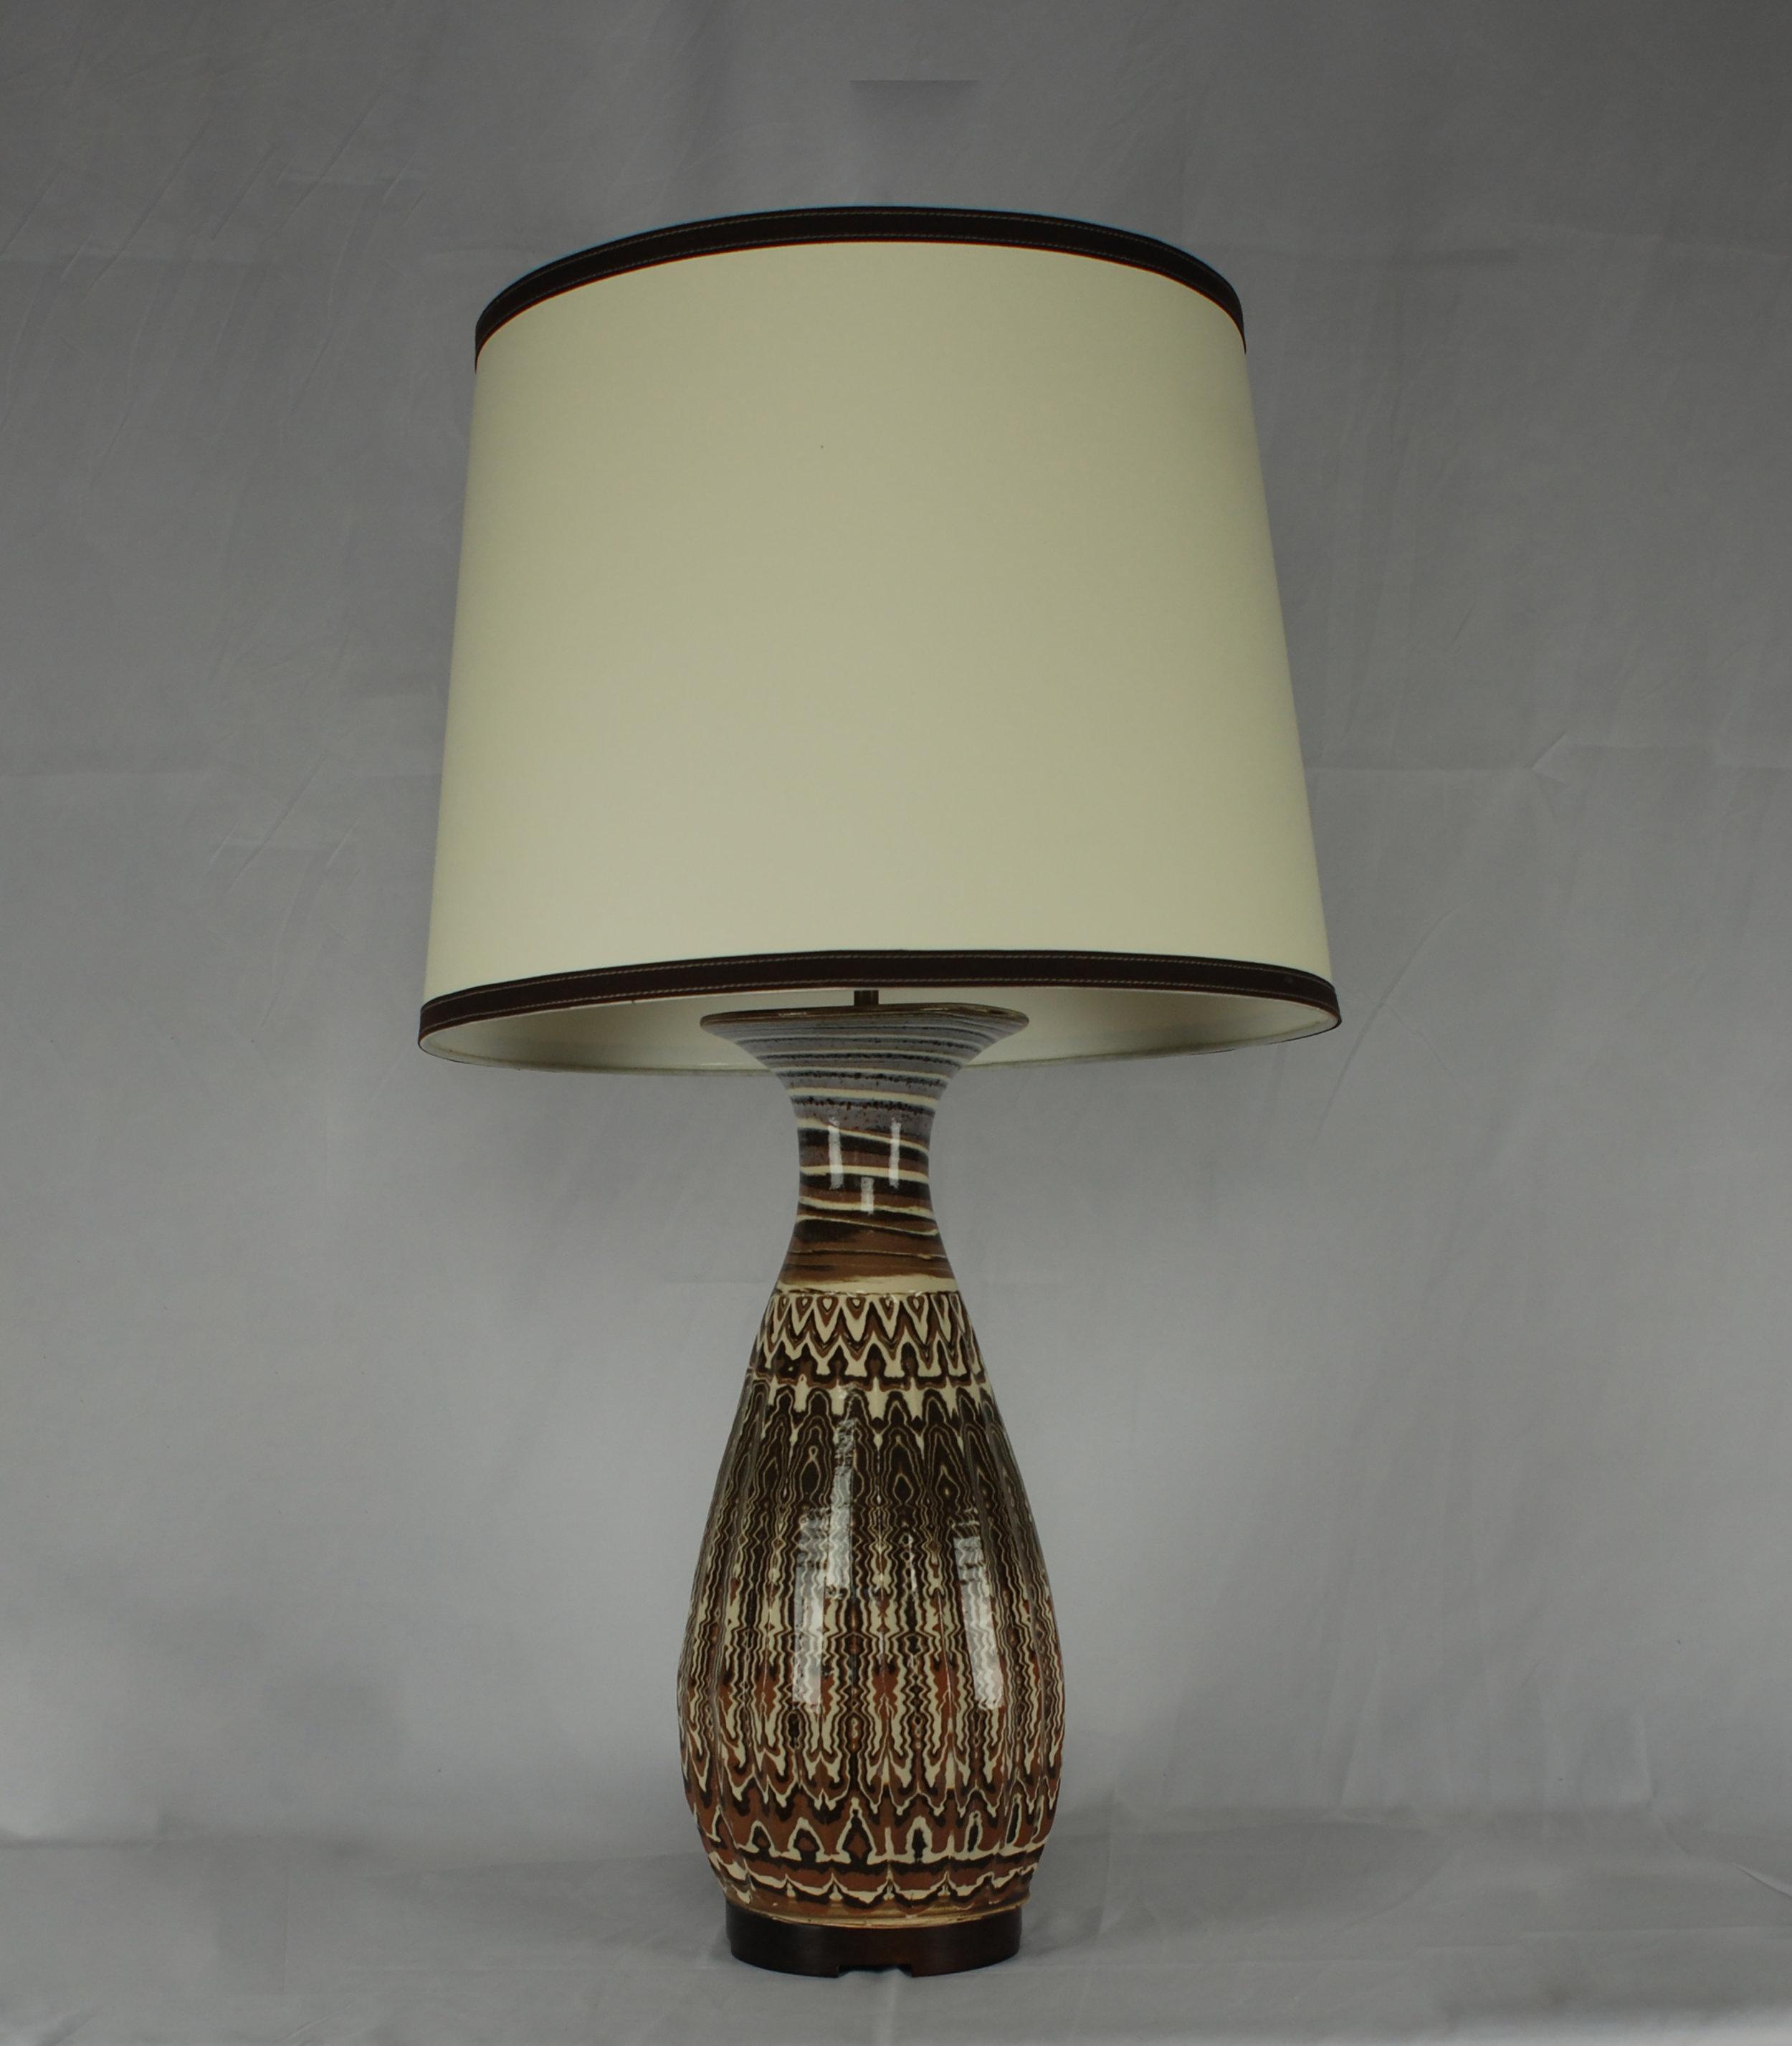 Karnak table lamp in Agateware with drum shade.jpg